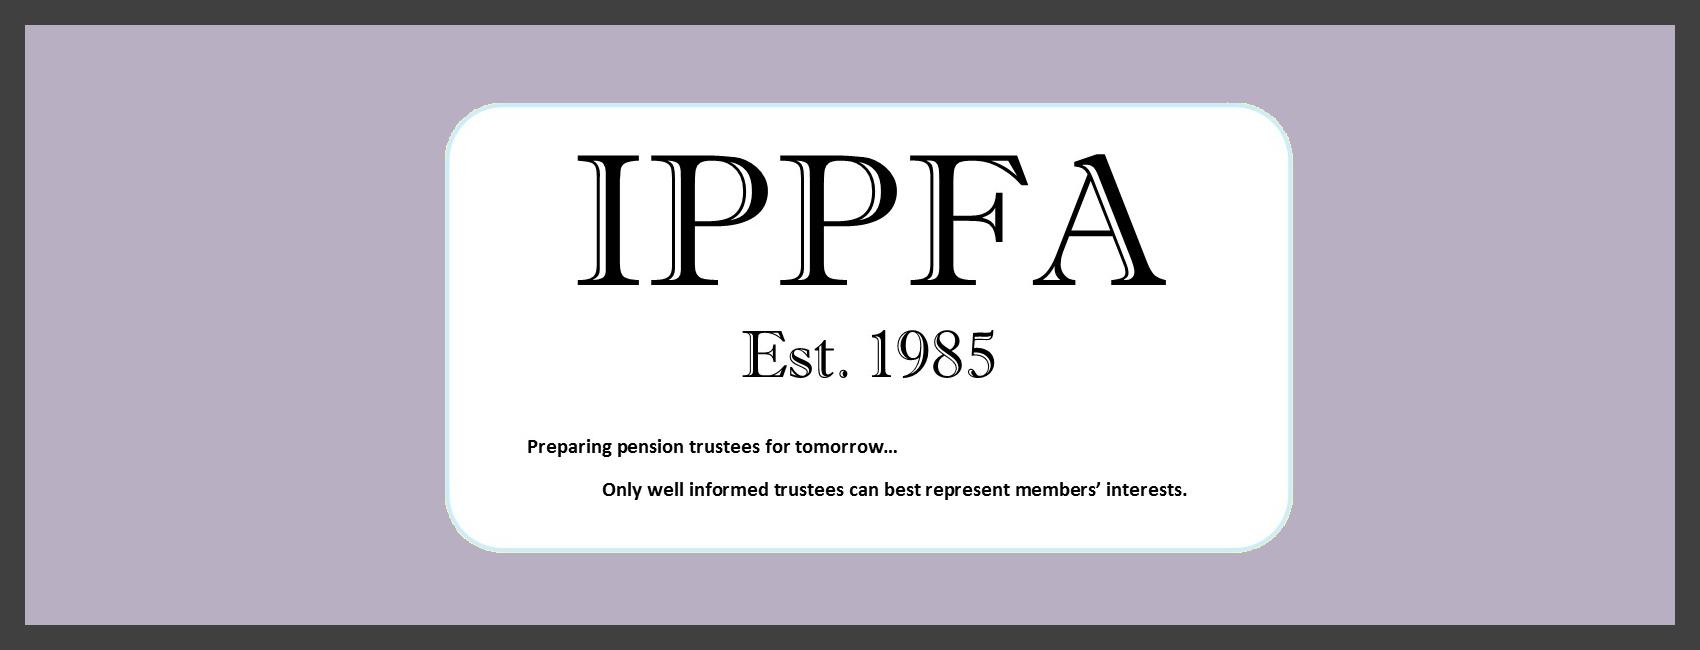 IPPFA Regional Seminar 2018 - Jumer's Hotel & Casino